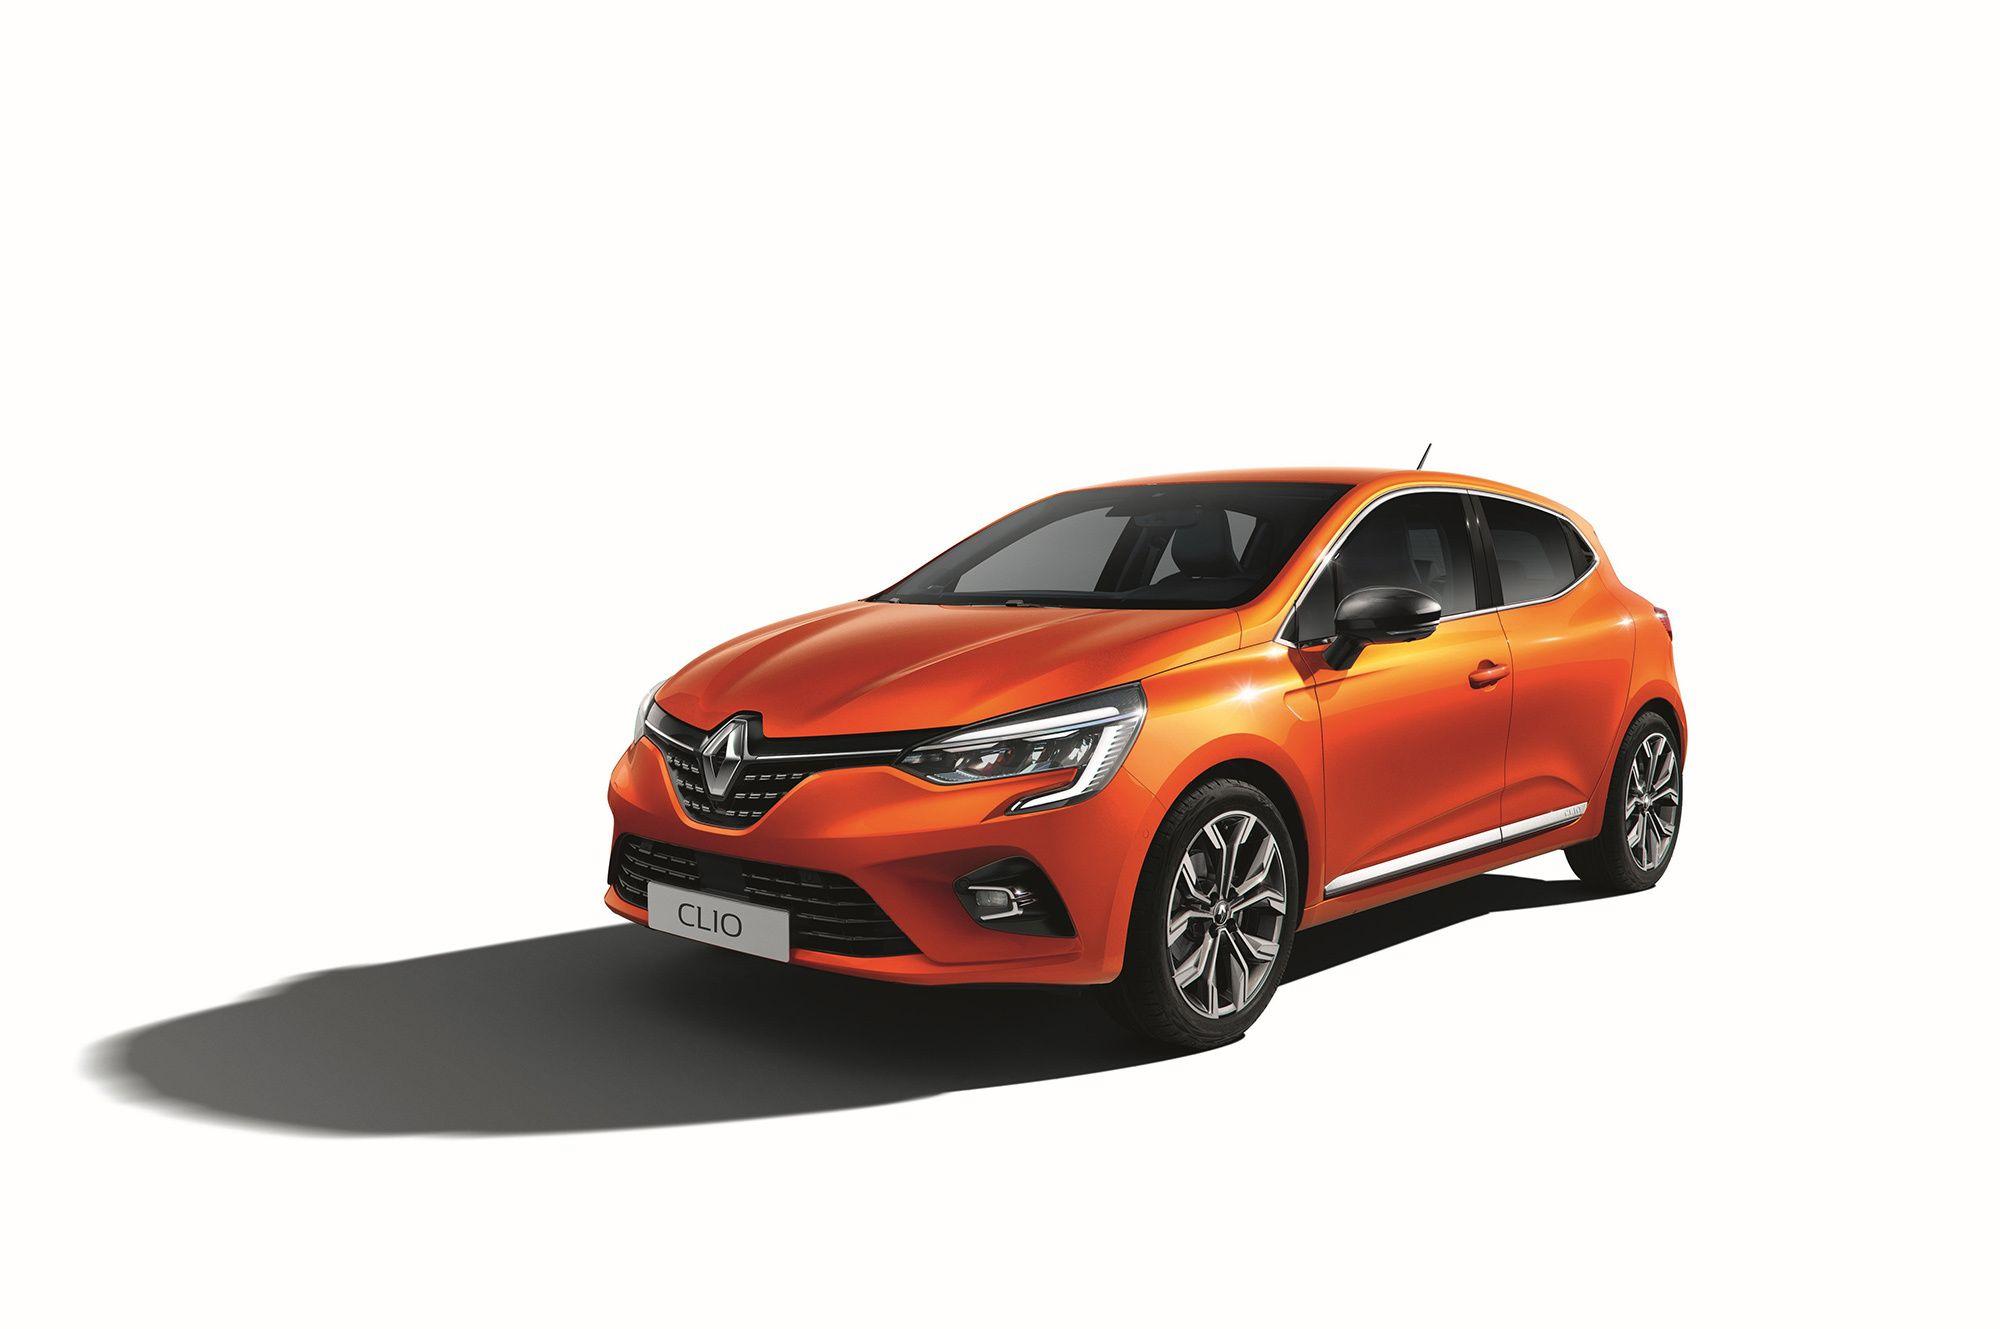 Renault Clio V: революція в інтер'єрі, еволюція в зовнішності